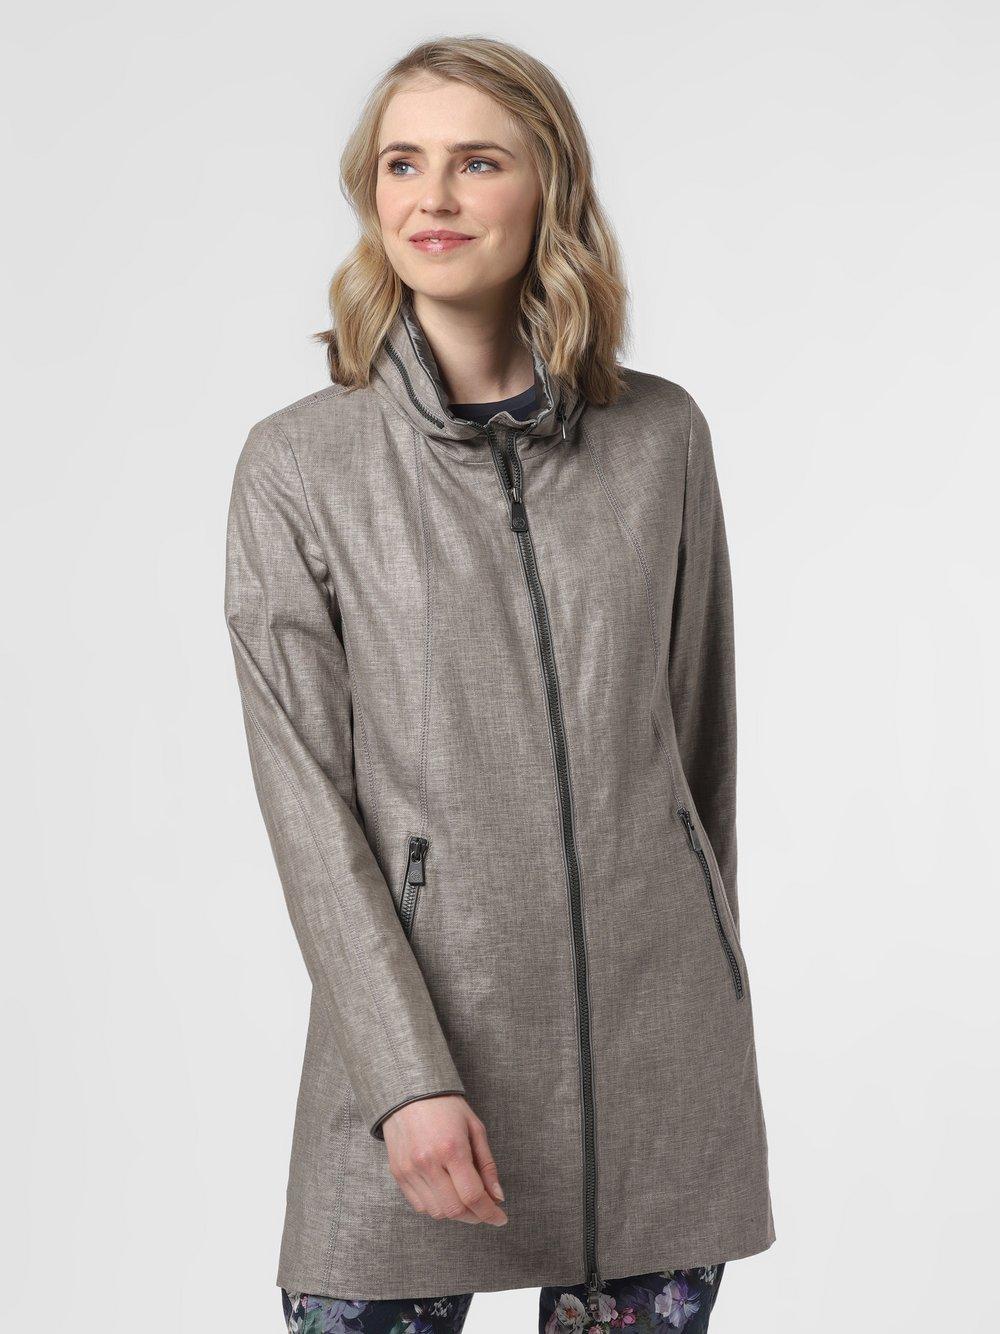 Creenstone - Płaszcz damski z dodatkiem lnu, beżowy